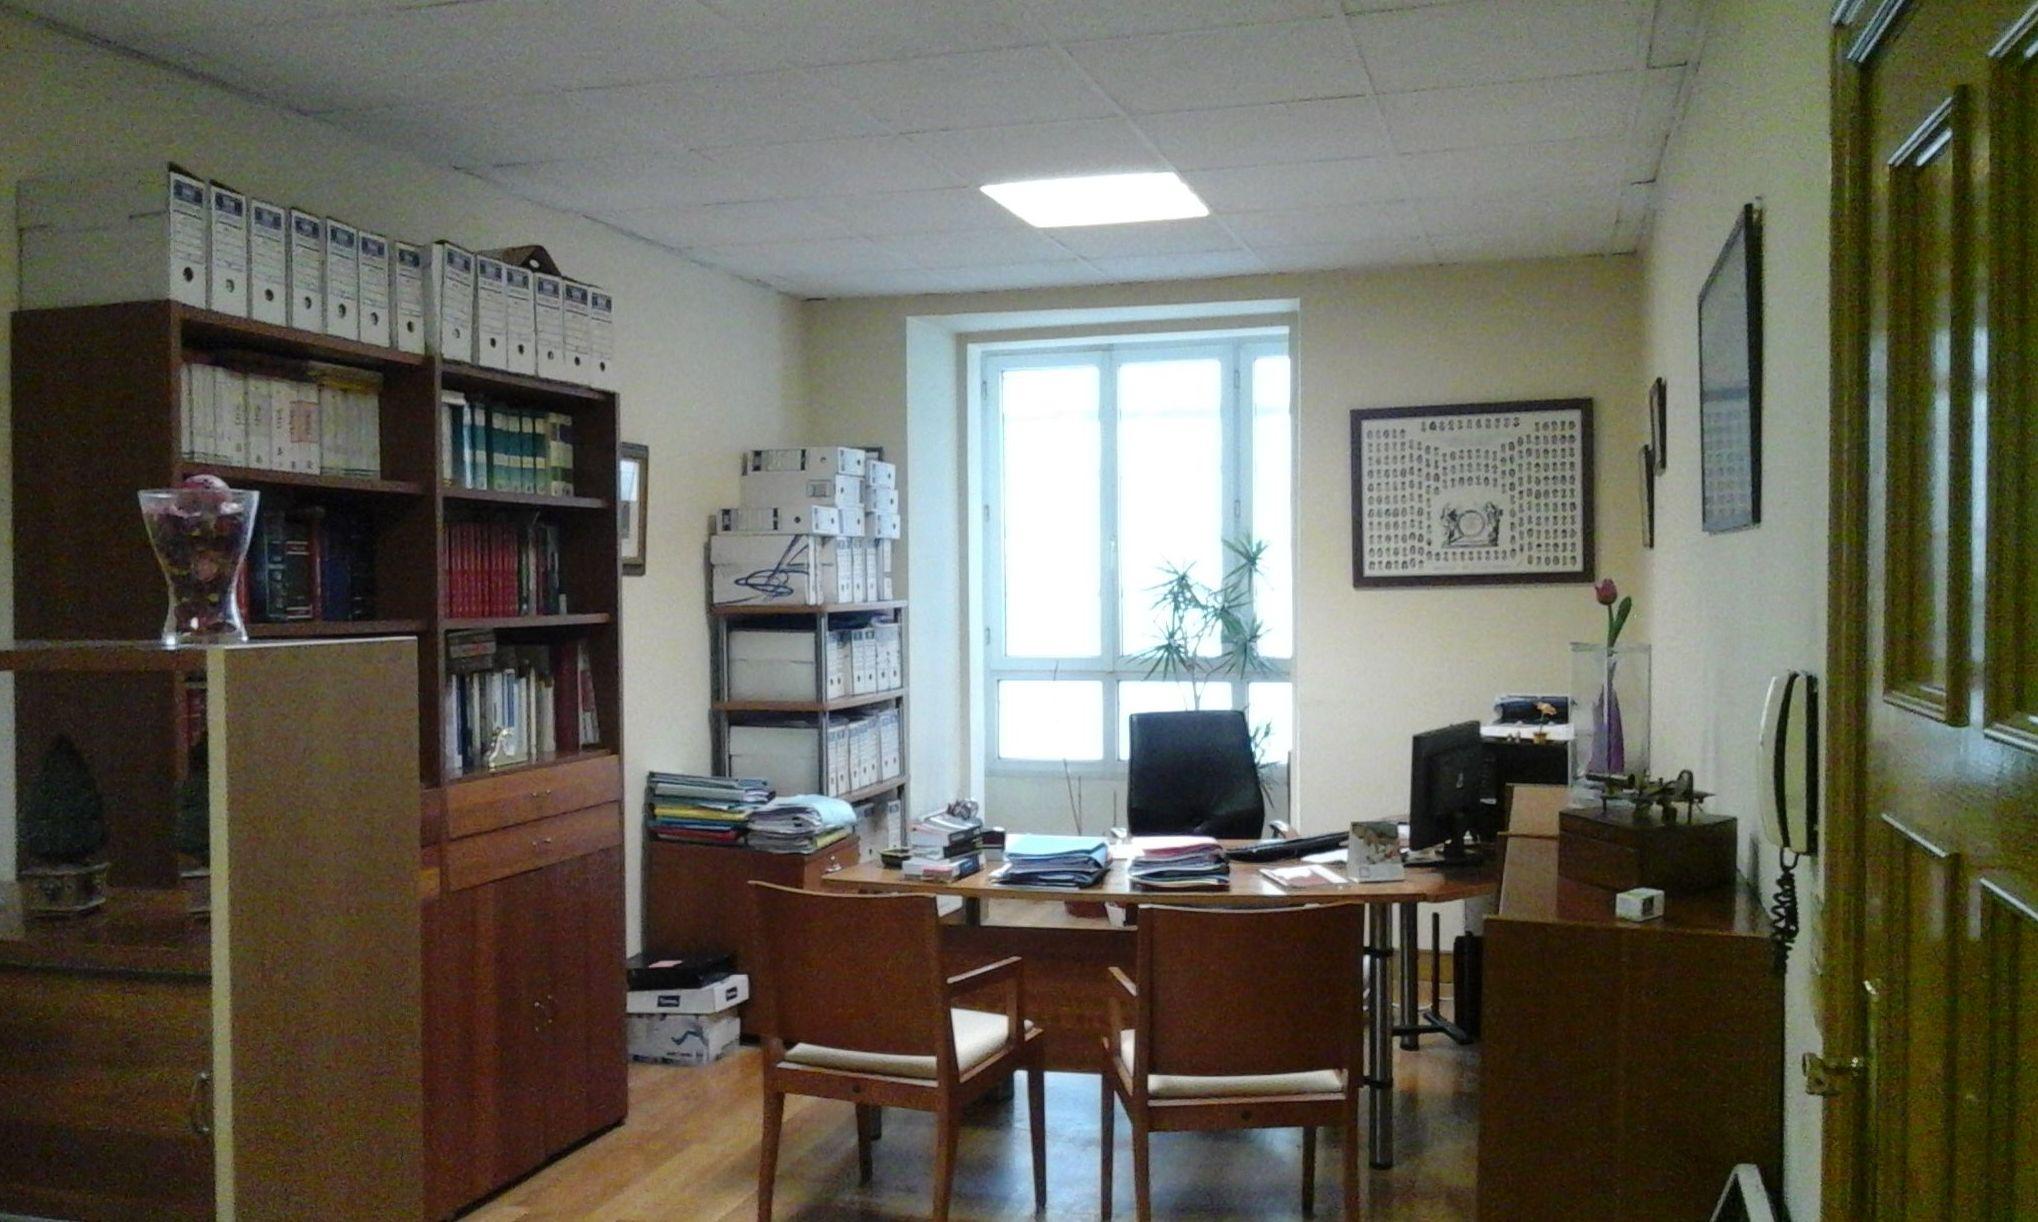 Foto 10 de Abogados en Donostia | Despacho de Abogados Charo Díaz García